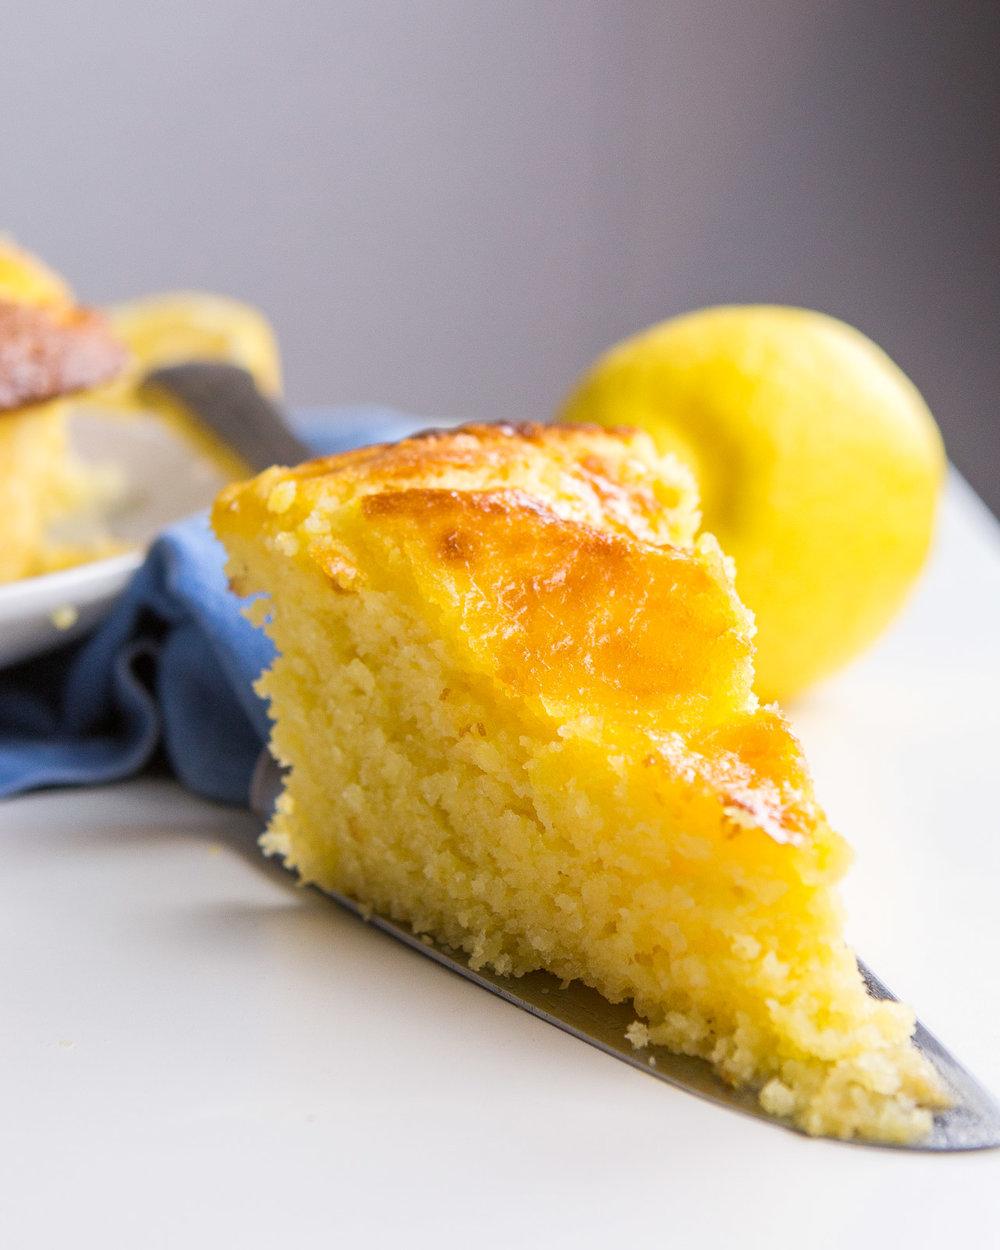 lemon-curd-cake-8.jpg